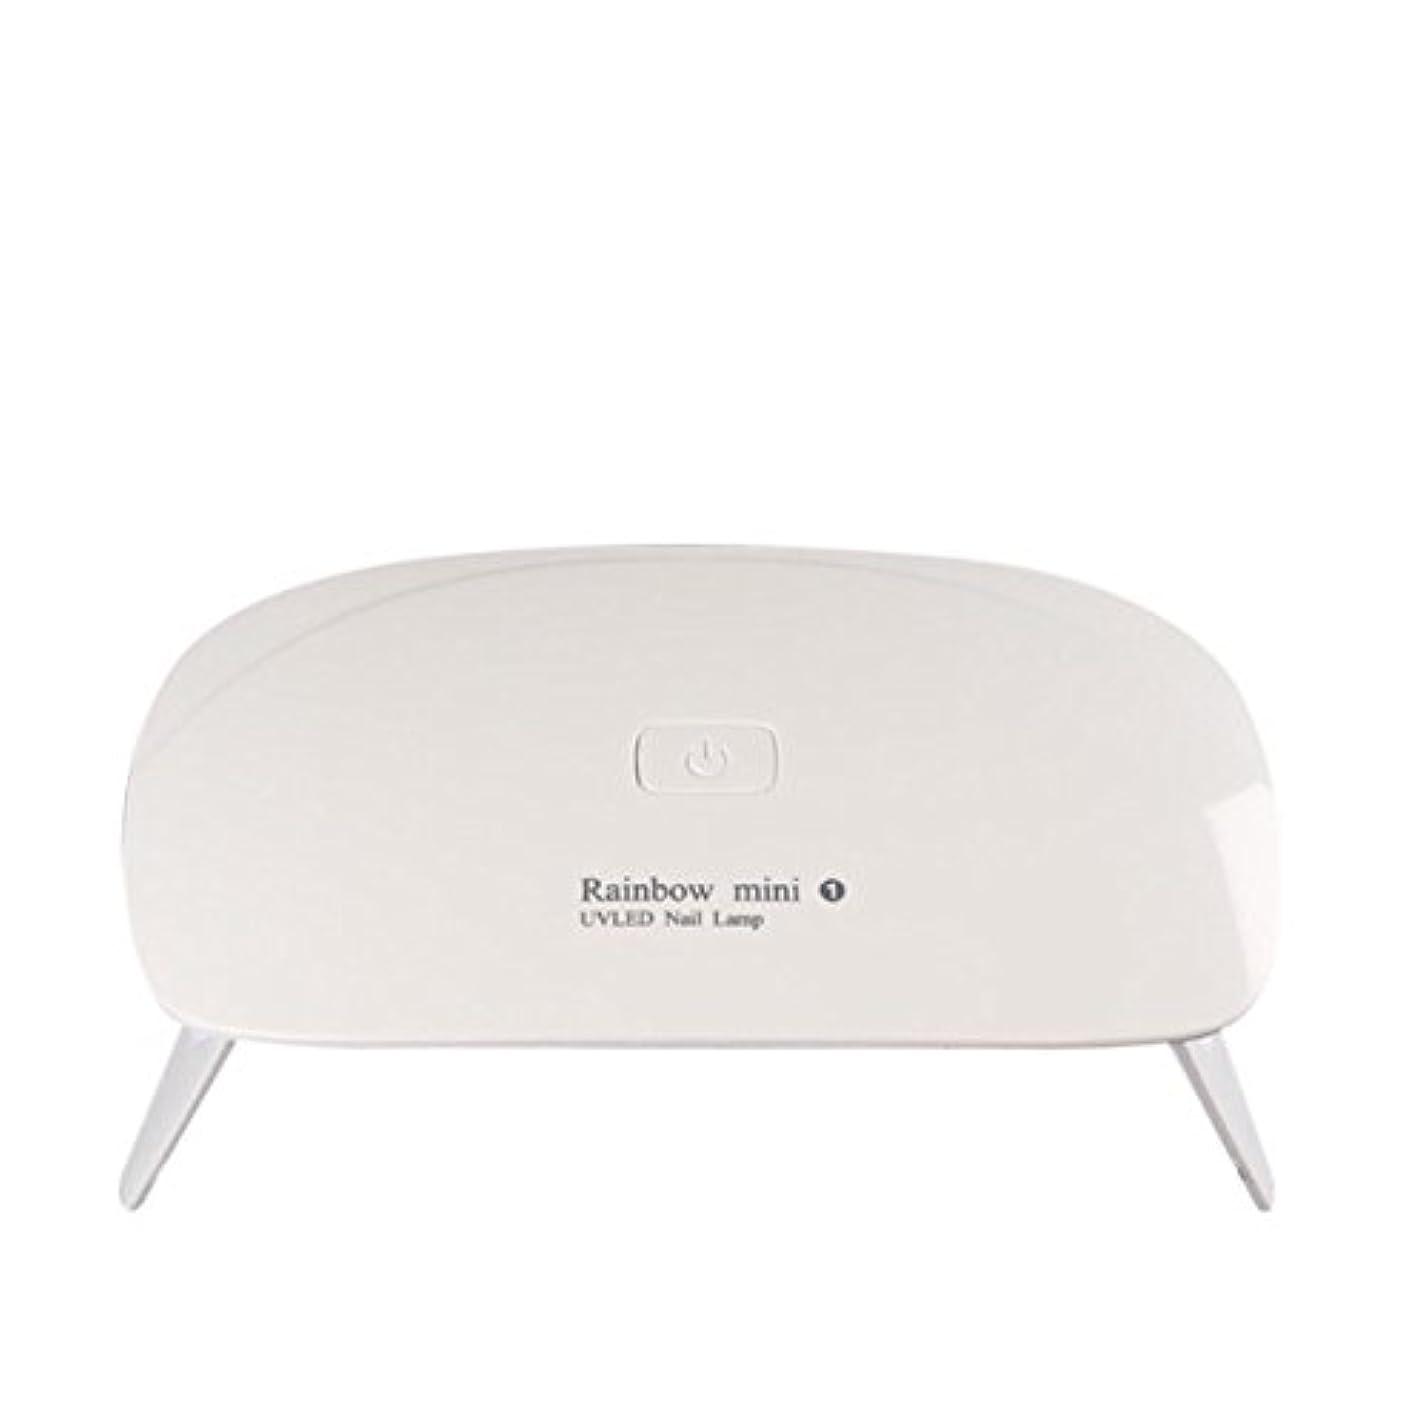 月関係アームストロング【ネイルウーマン】LEDライト/UV硬化ライト 5W 折りたたみ式 コンパクト USB給電可能